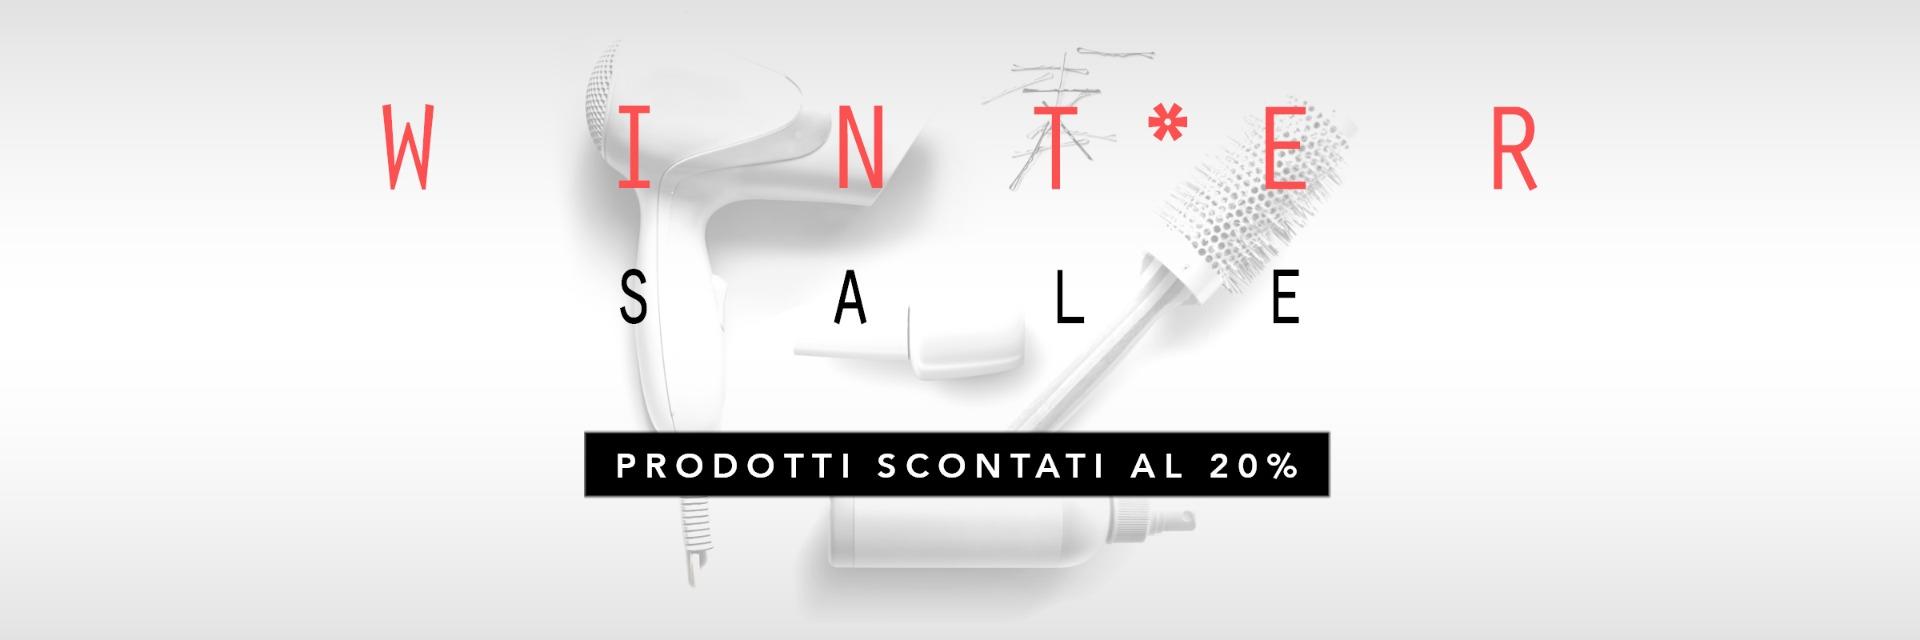 TRILAB Winter Sale 2021 - Prodotti Scontati fino al 20%